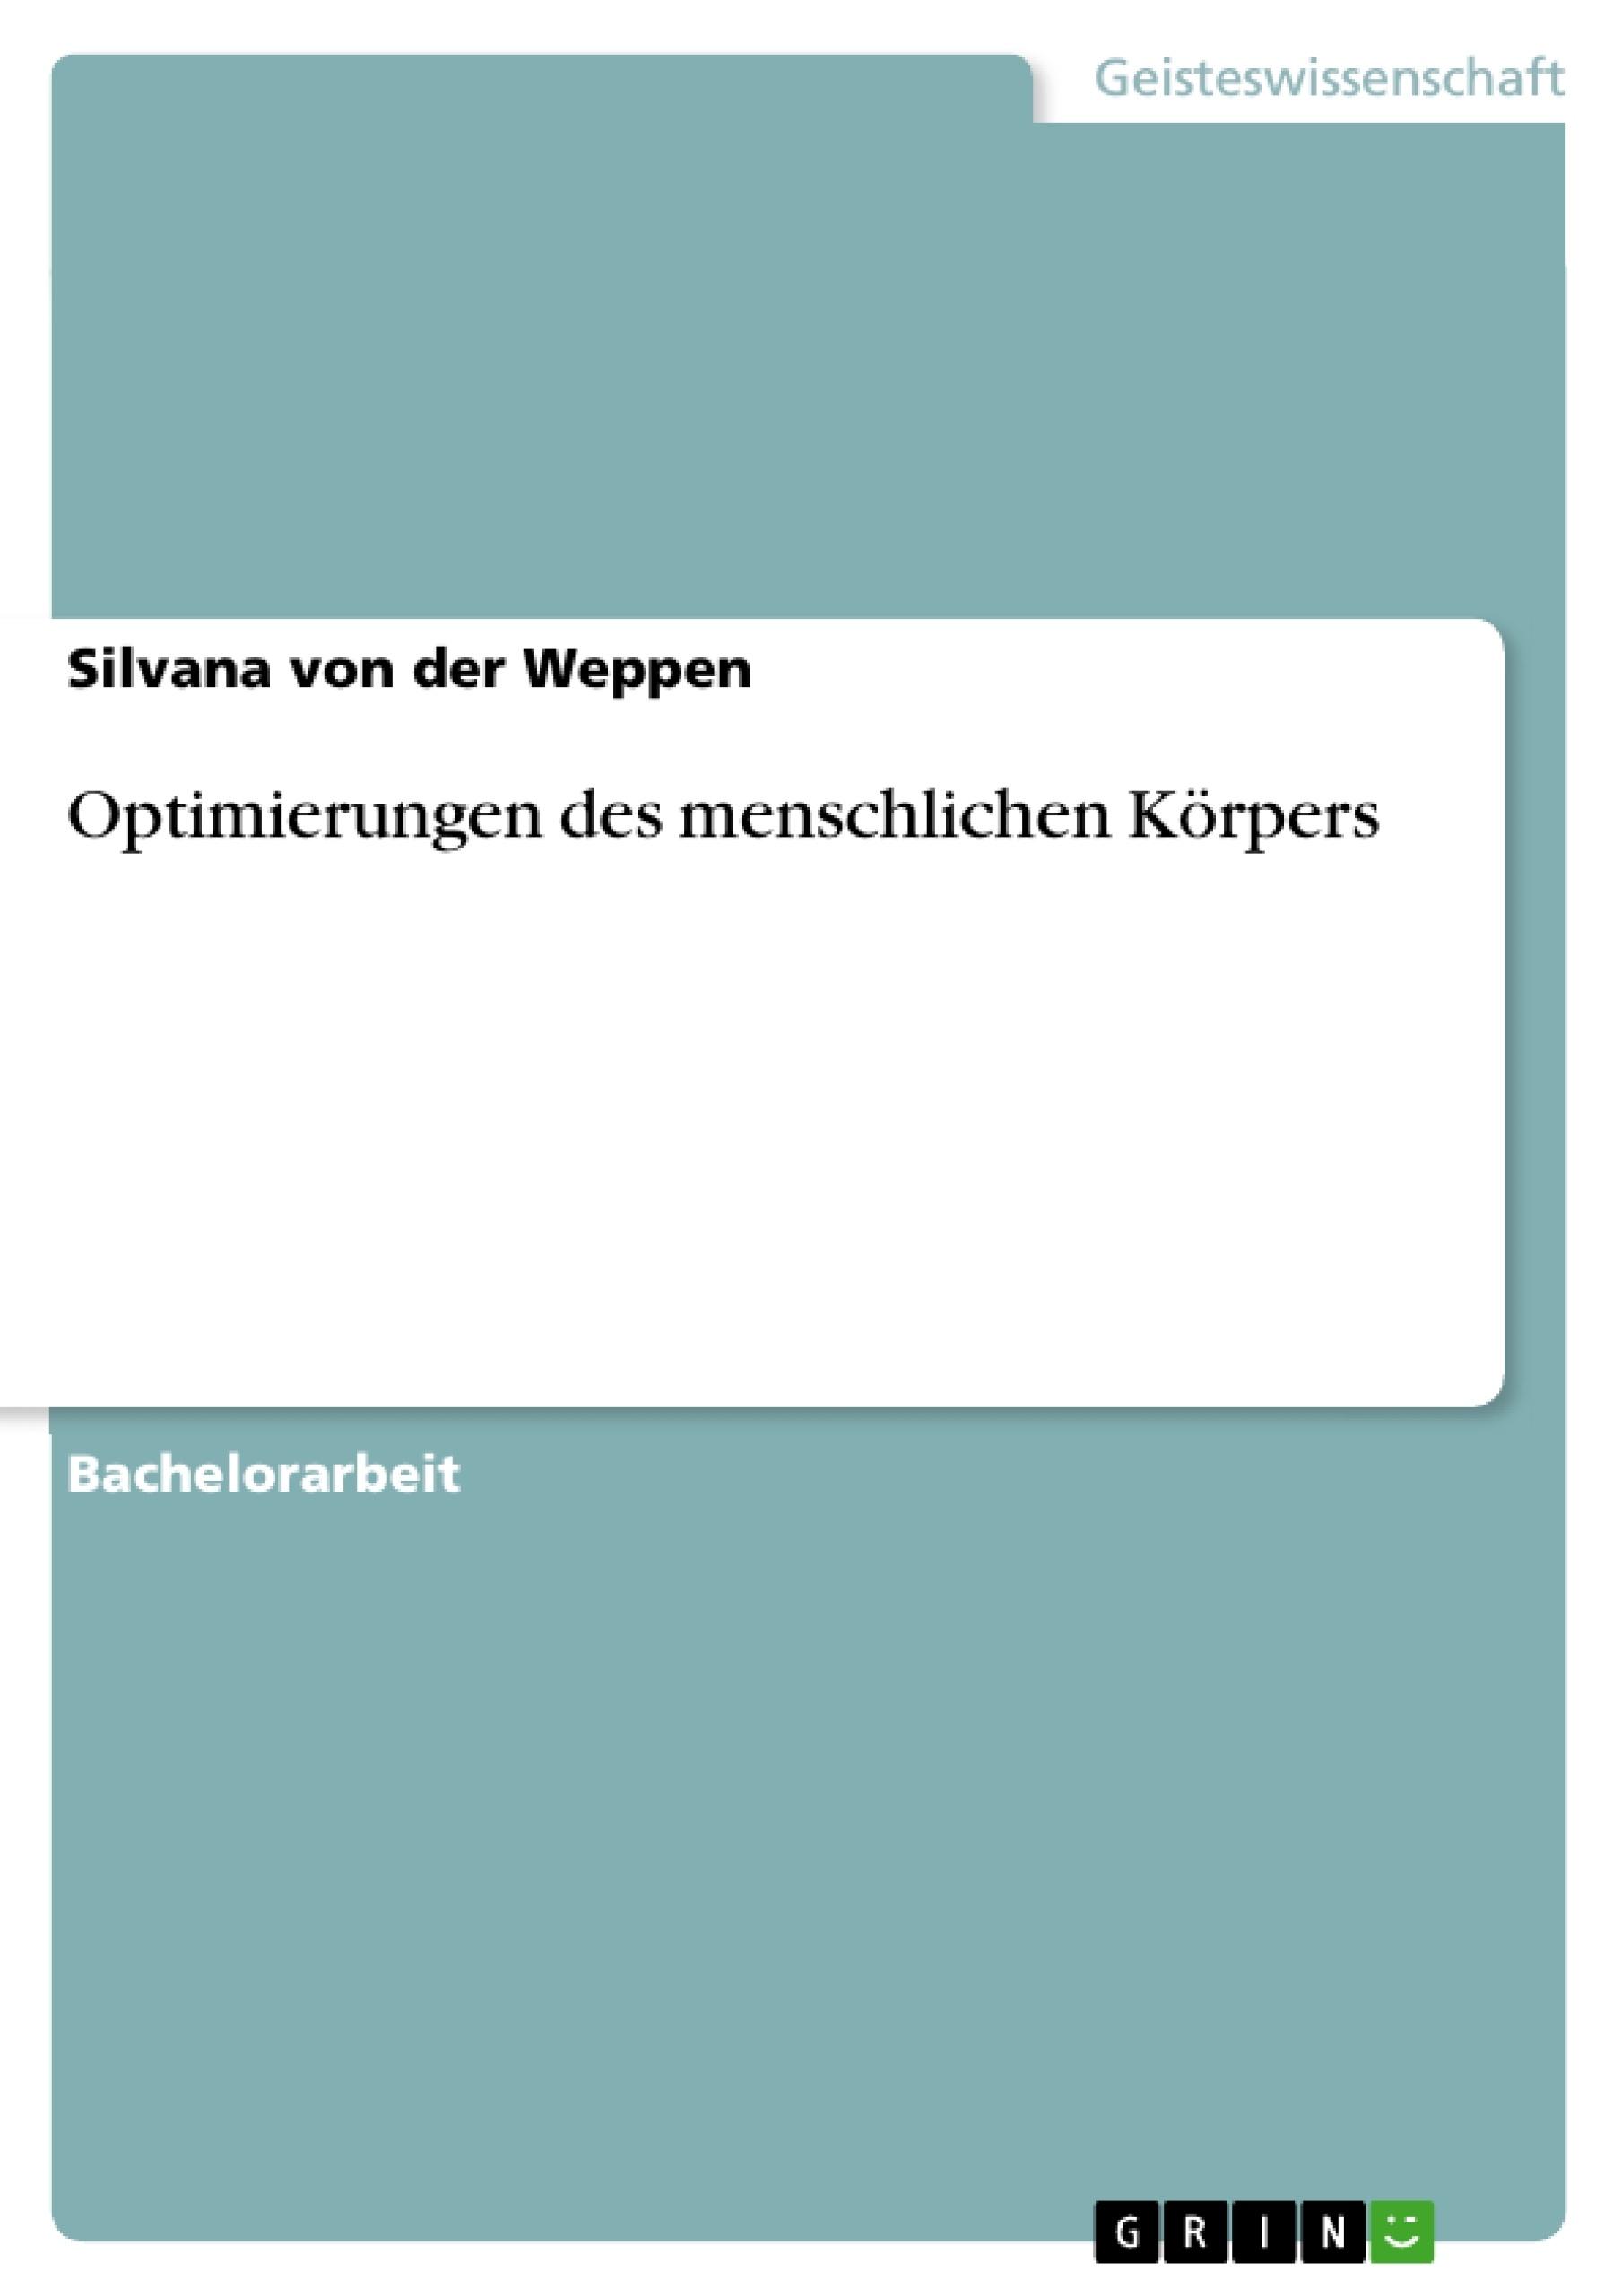 Titel: Optimierungen des menschlichen Körpers